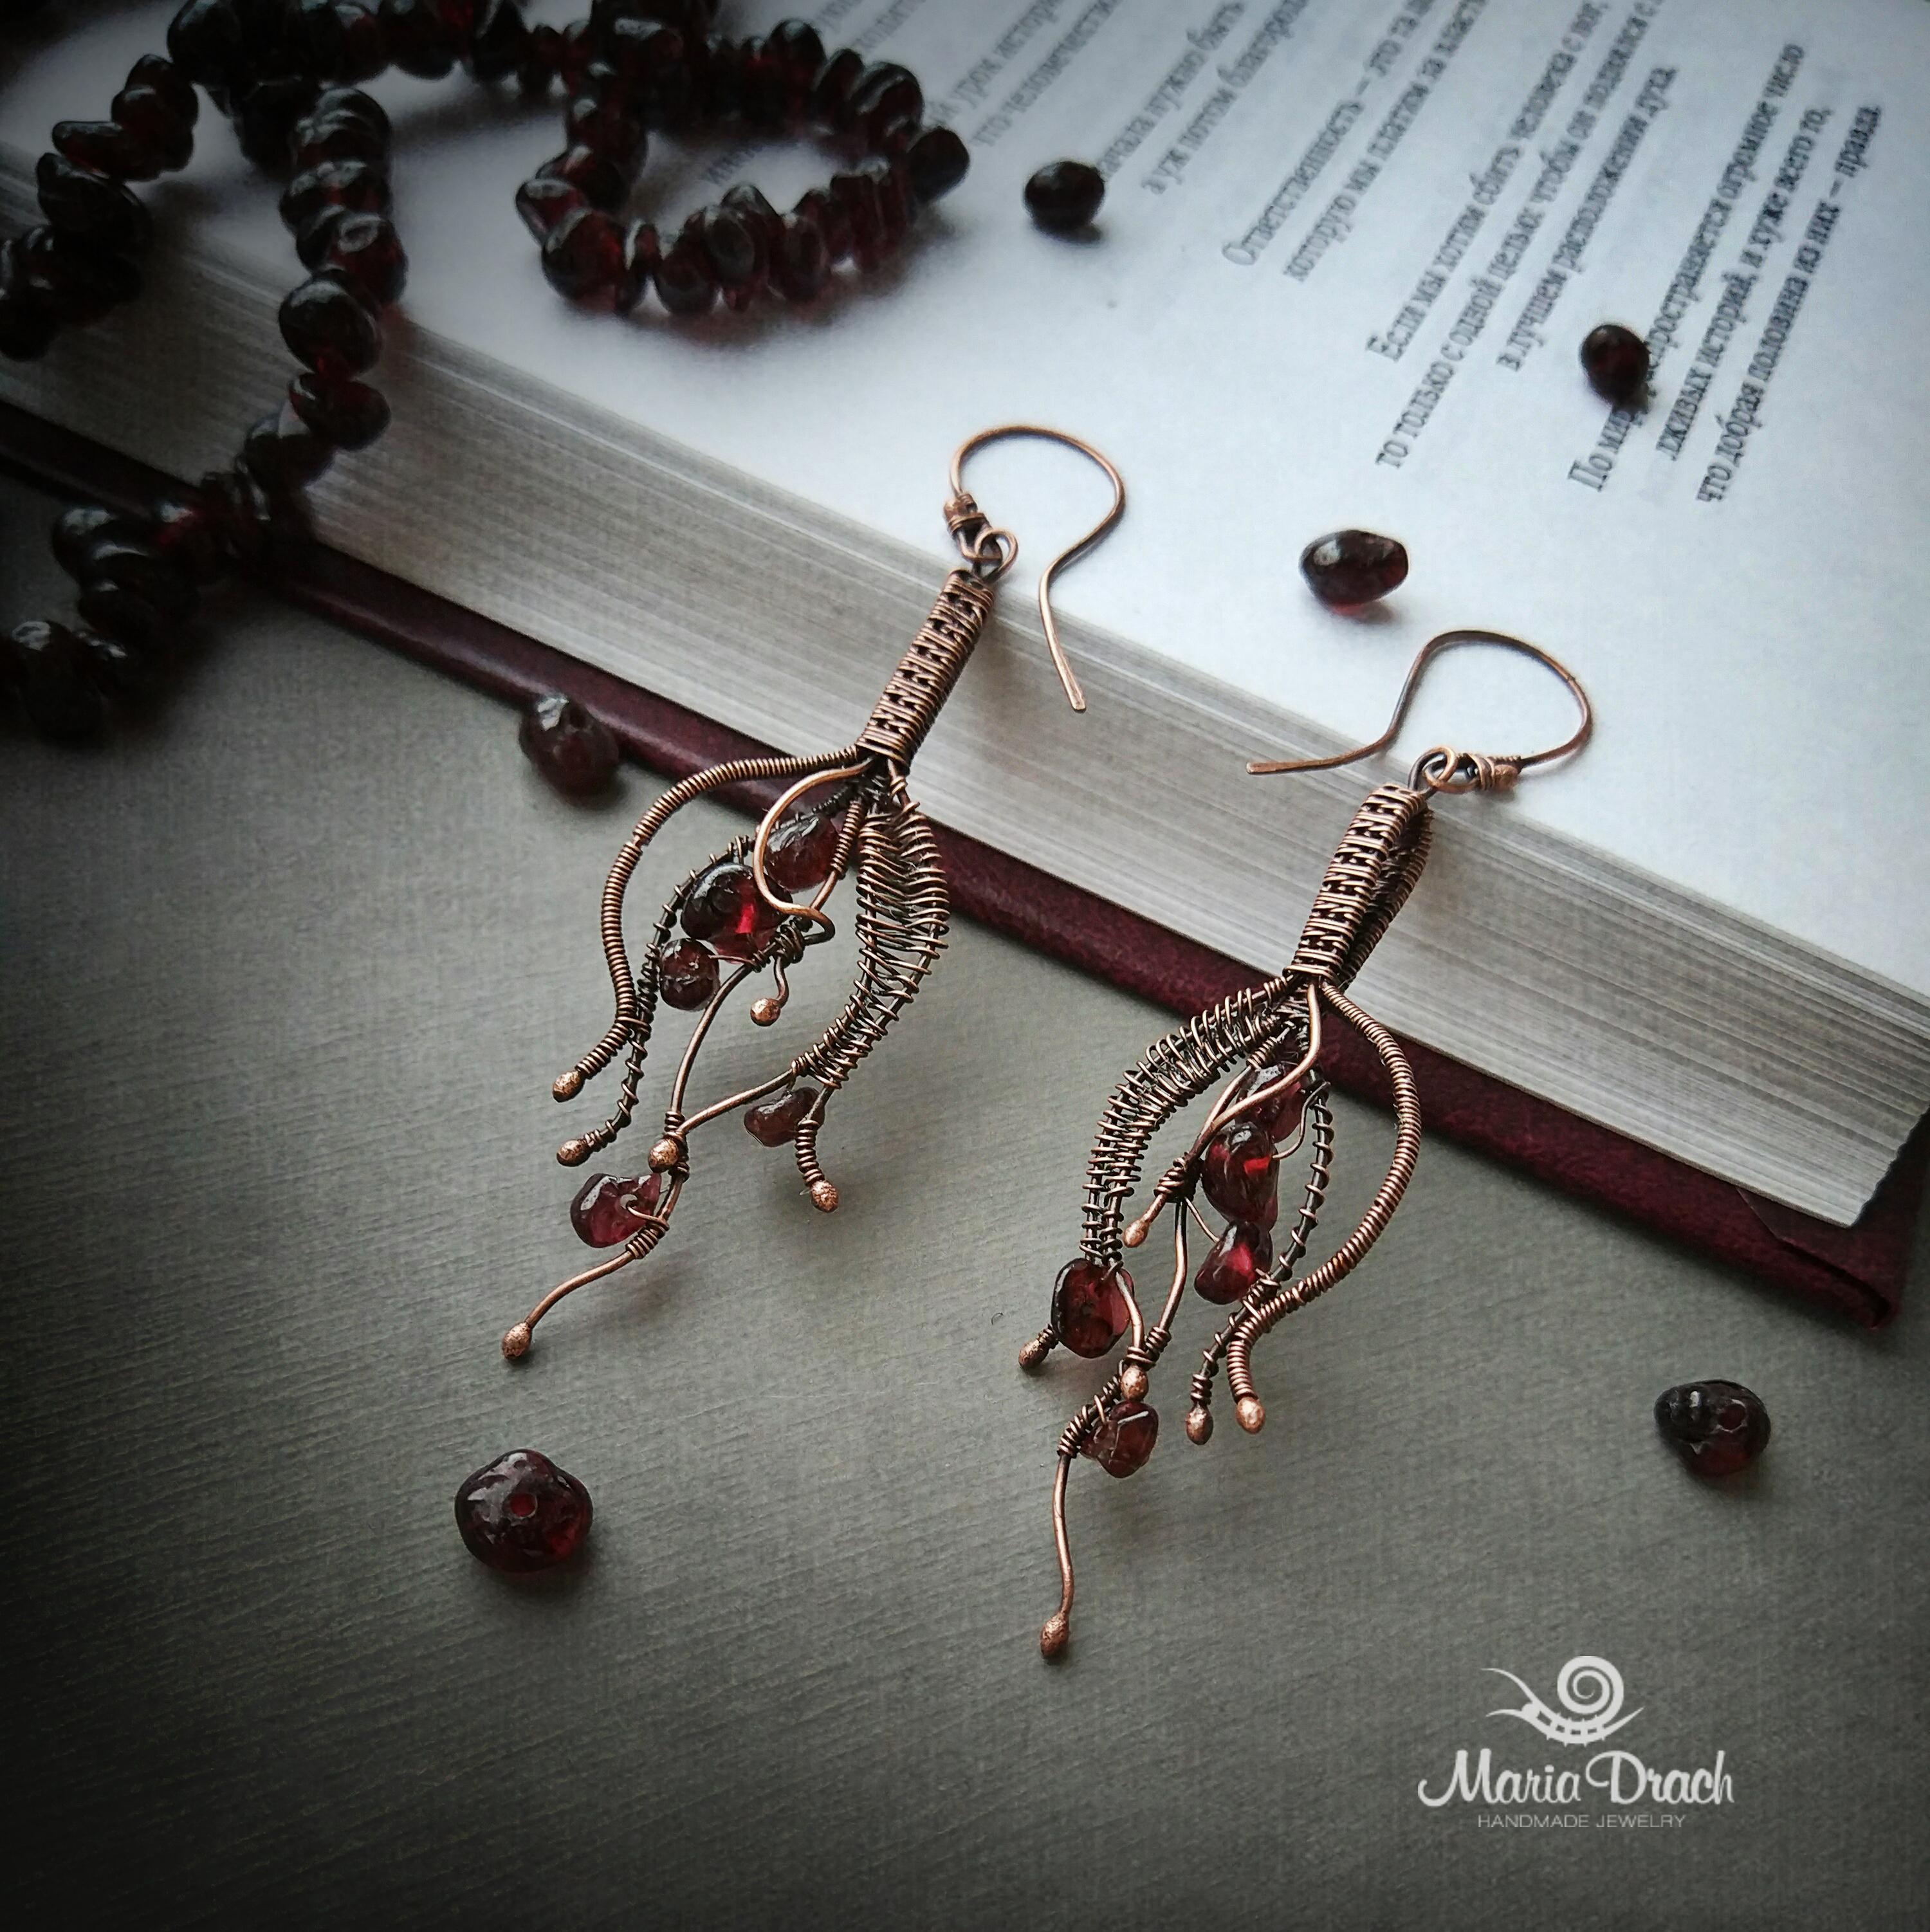 drop earrings 7 - Медная свадьба - годовщина свадьбы 7 лет. Идеи для подарков.